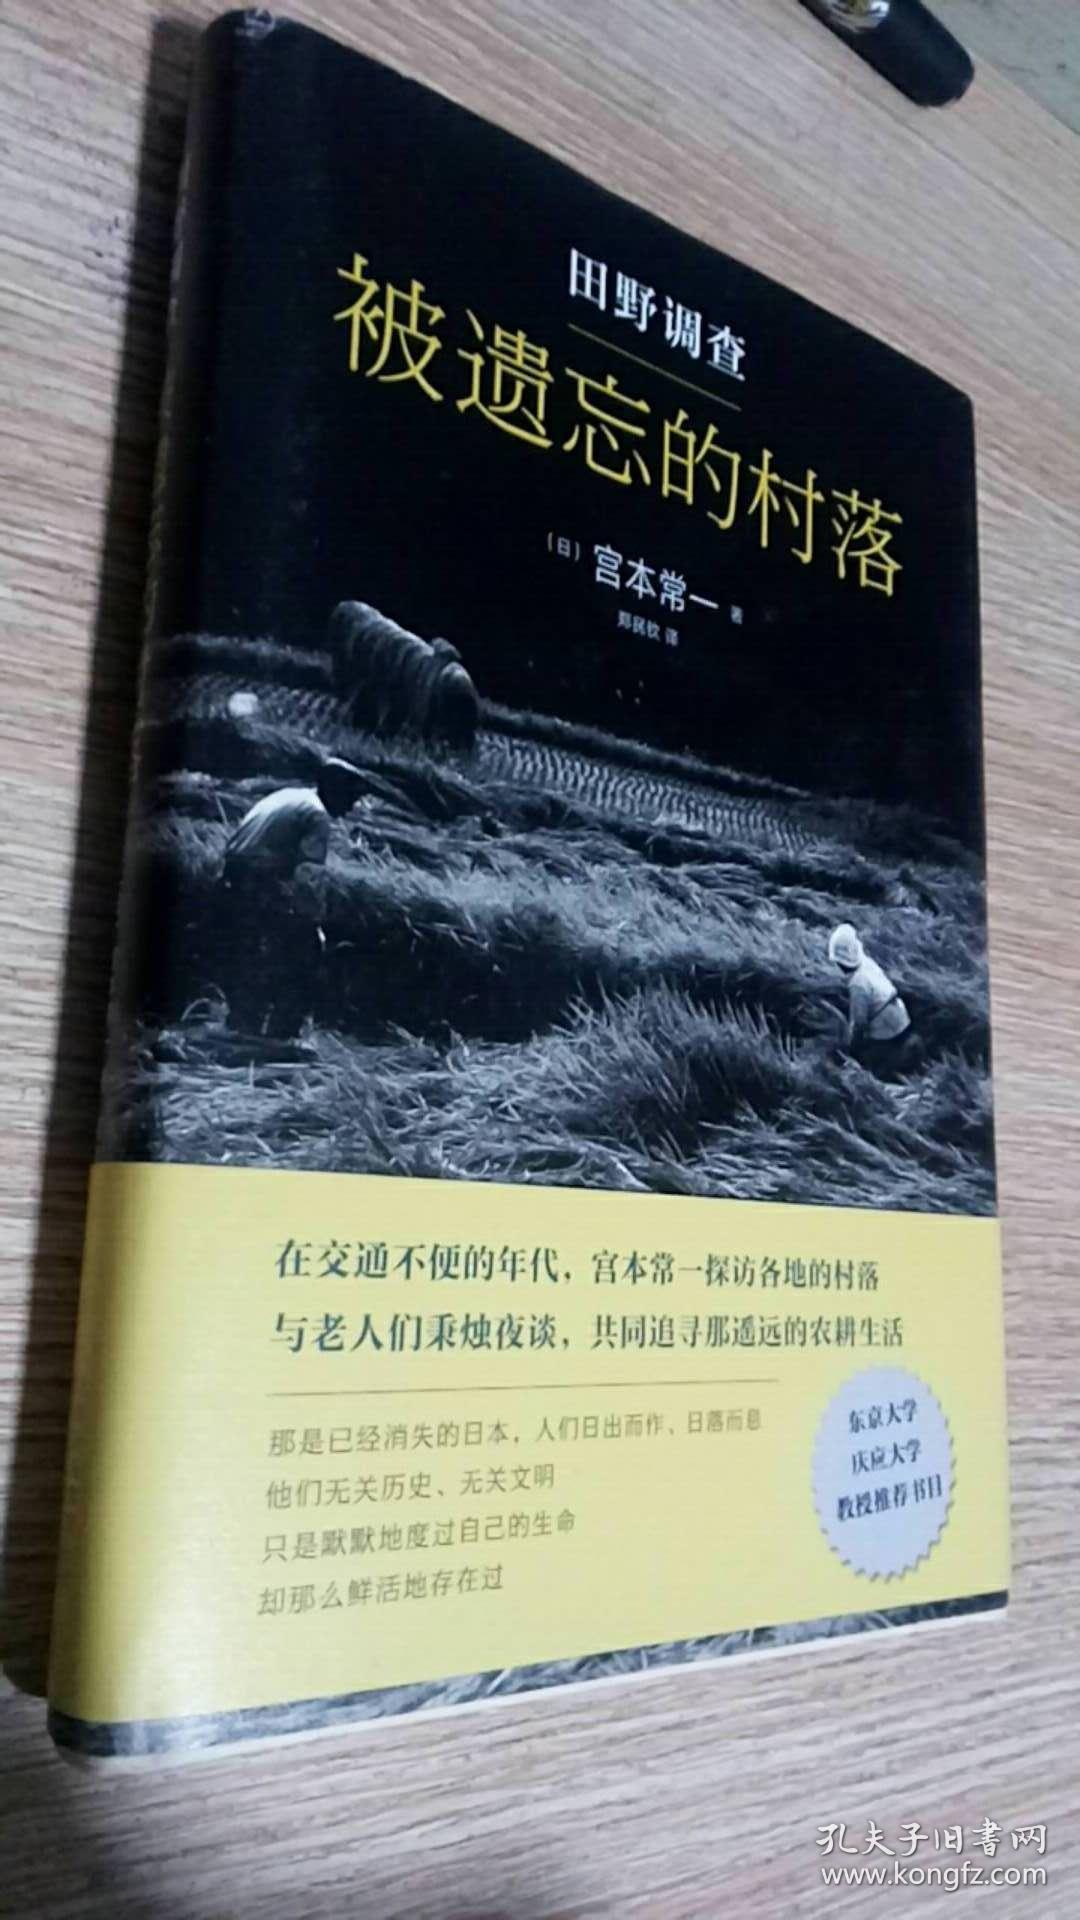 田野调查.被遗忘的村落